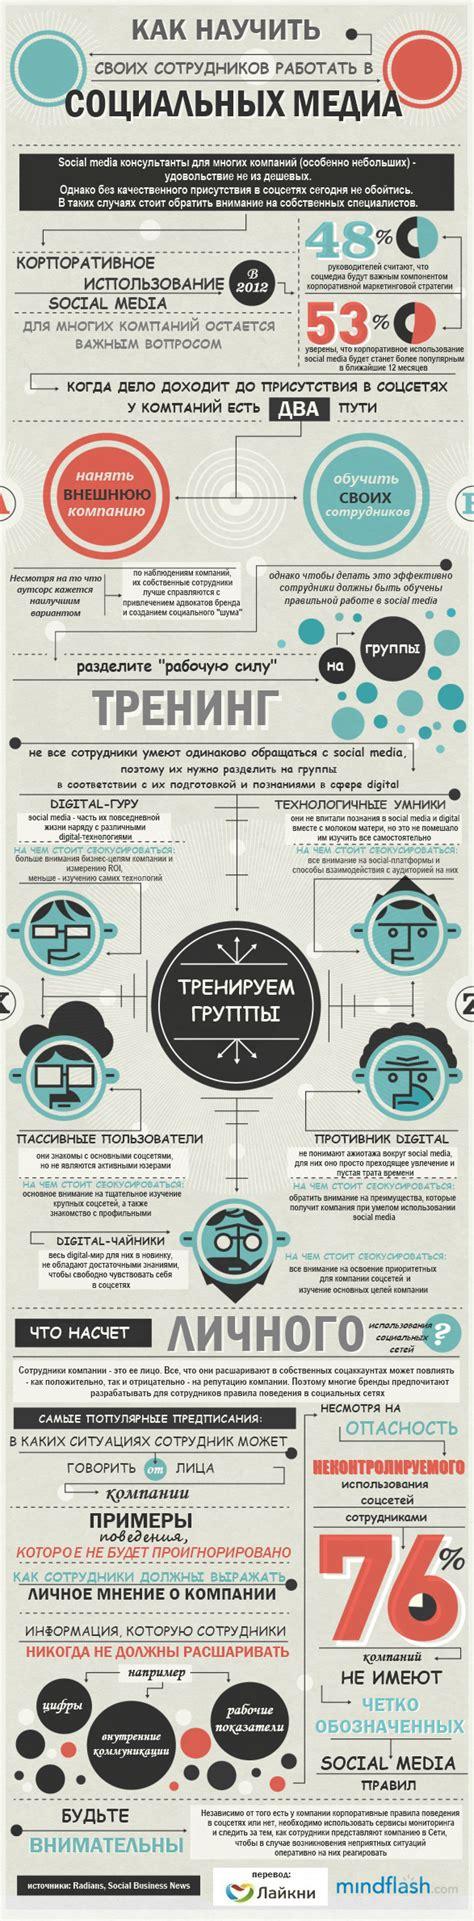 Optimizing Media Graphics How To Employees To Handle инфографика как научить своих сотрудников работать в